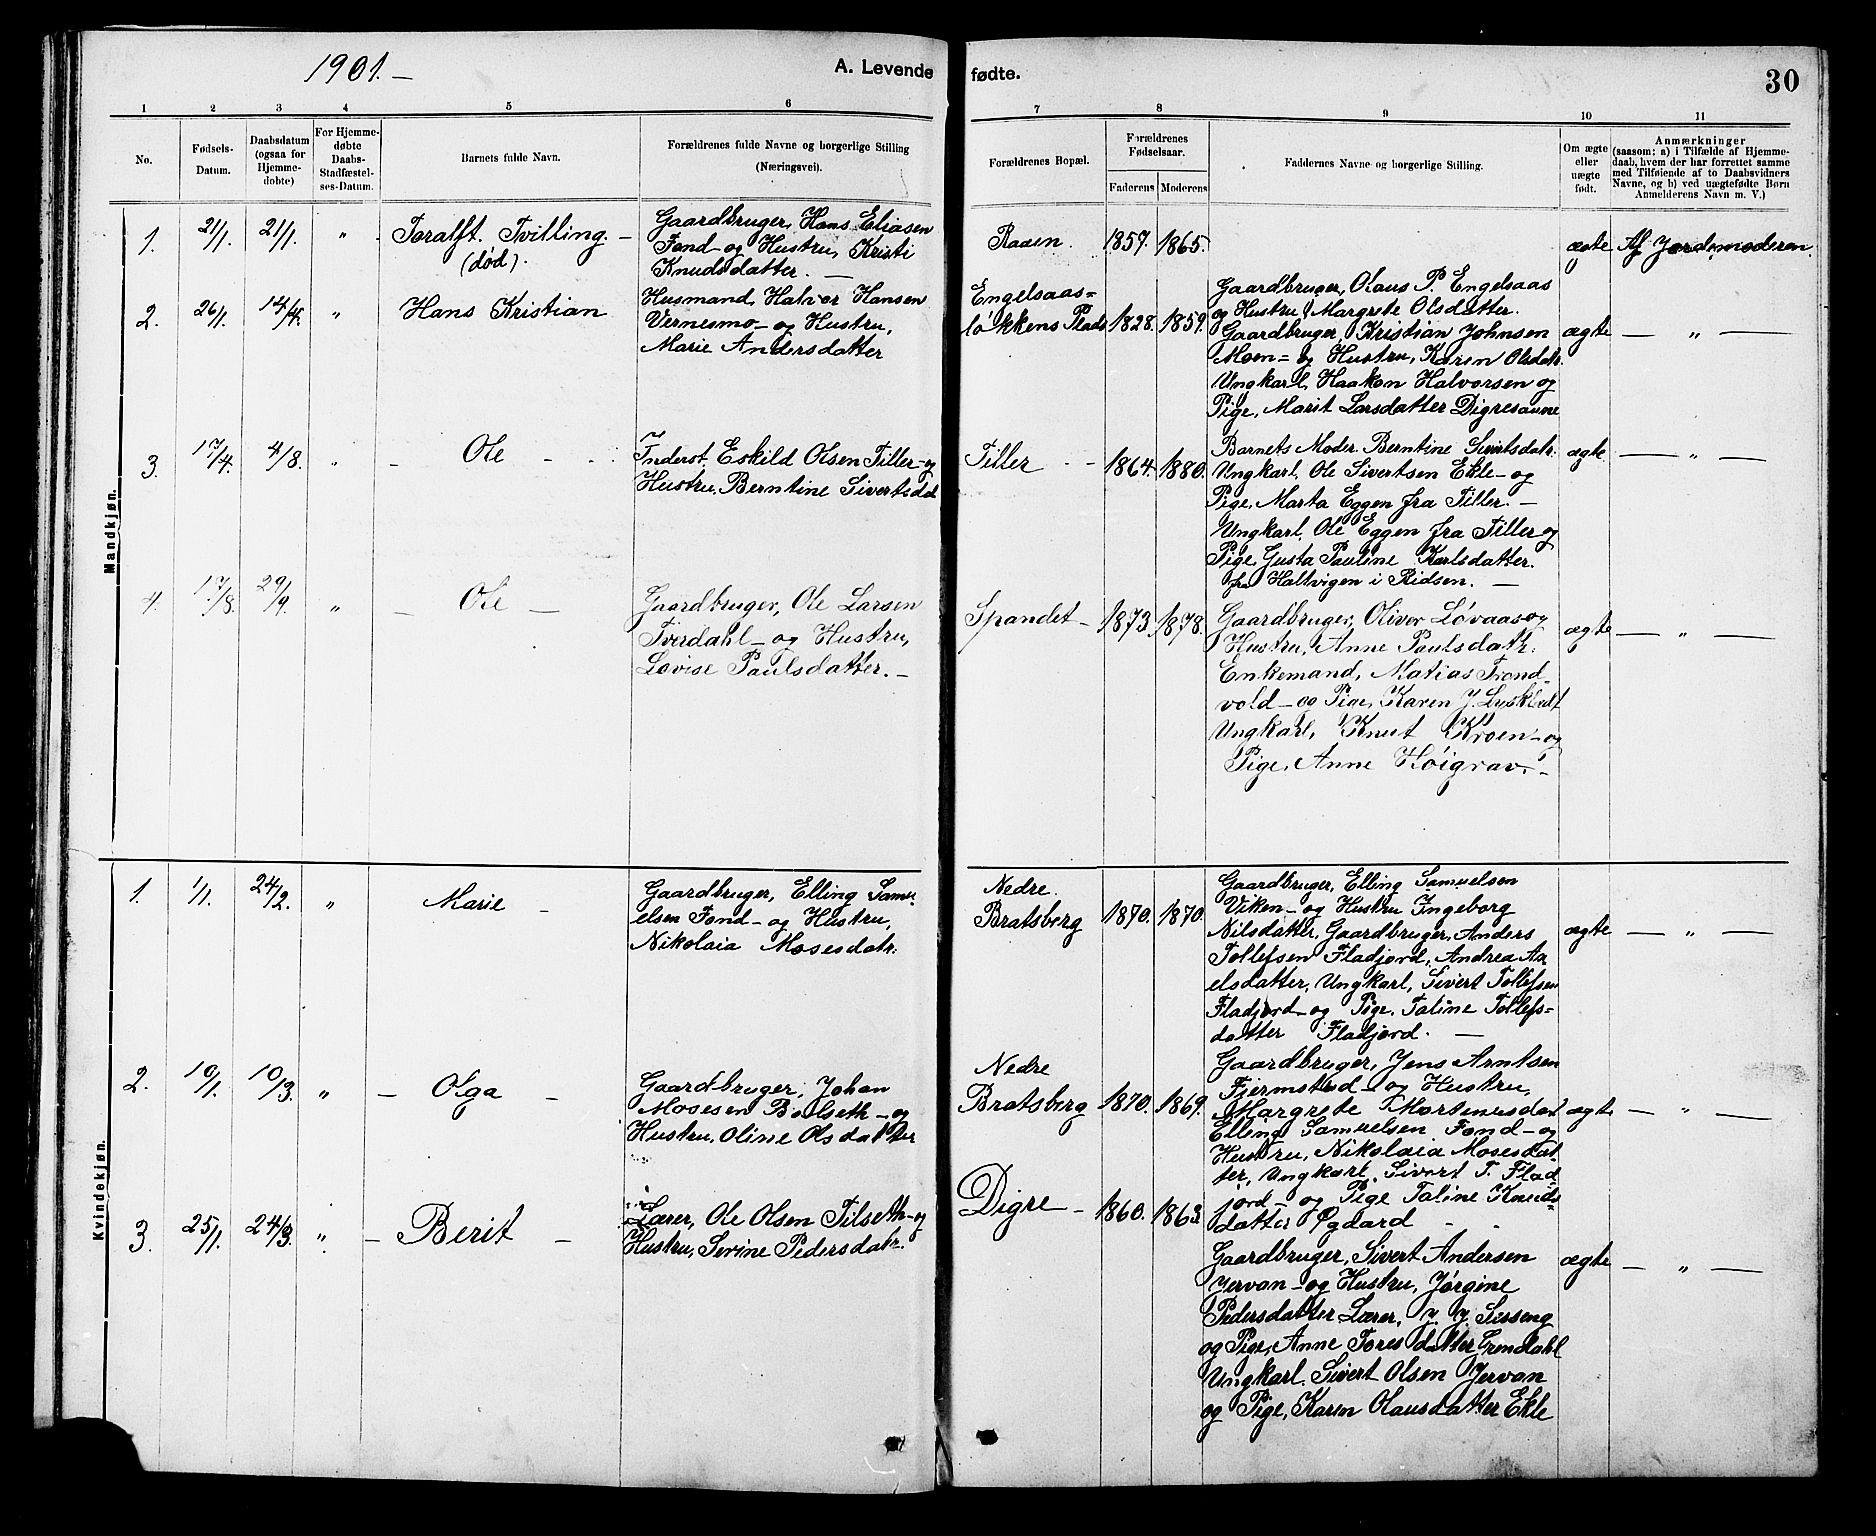 SAT, Ministerialprotokoller, klokkerbøker og fødselsregistre - Sør-Trøndelag, 608/L0341: Klokkerbok nr. 608C07, 1890-1912, s. 30